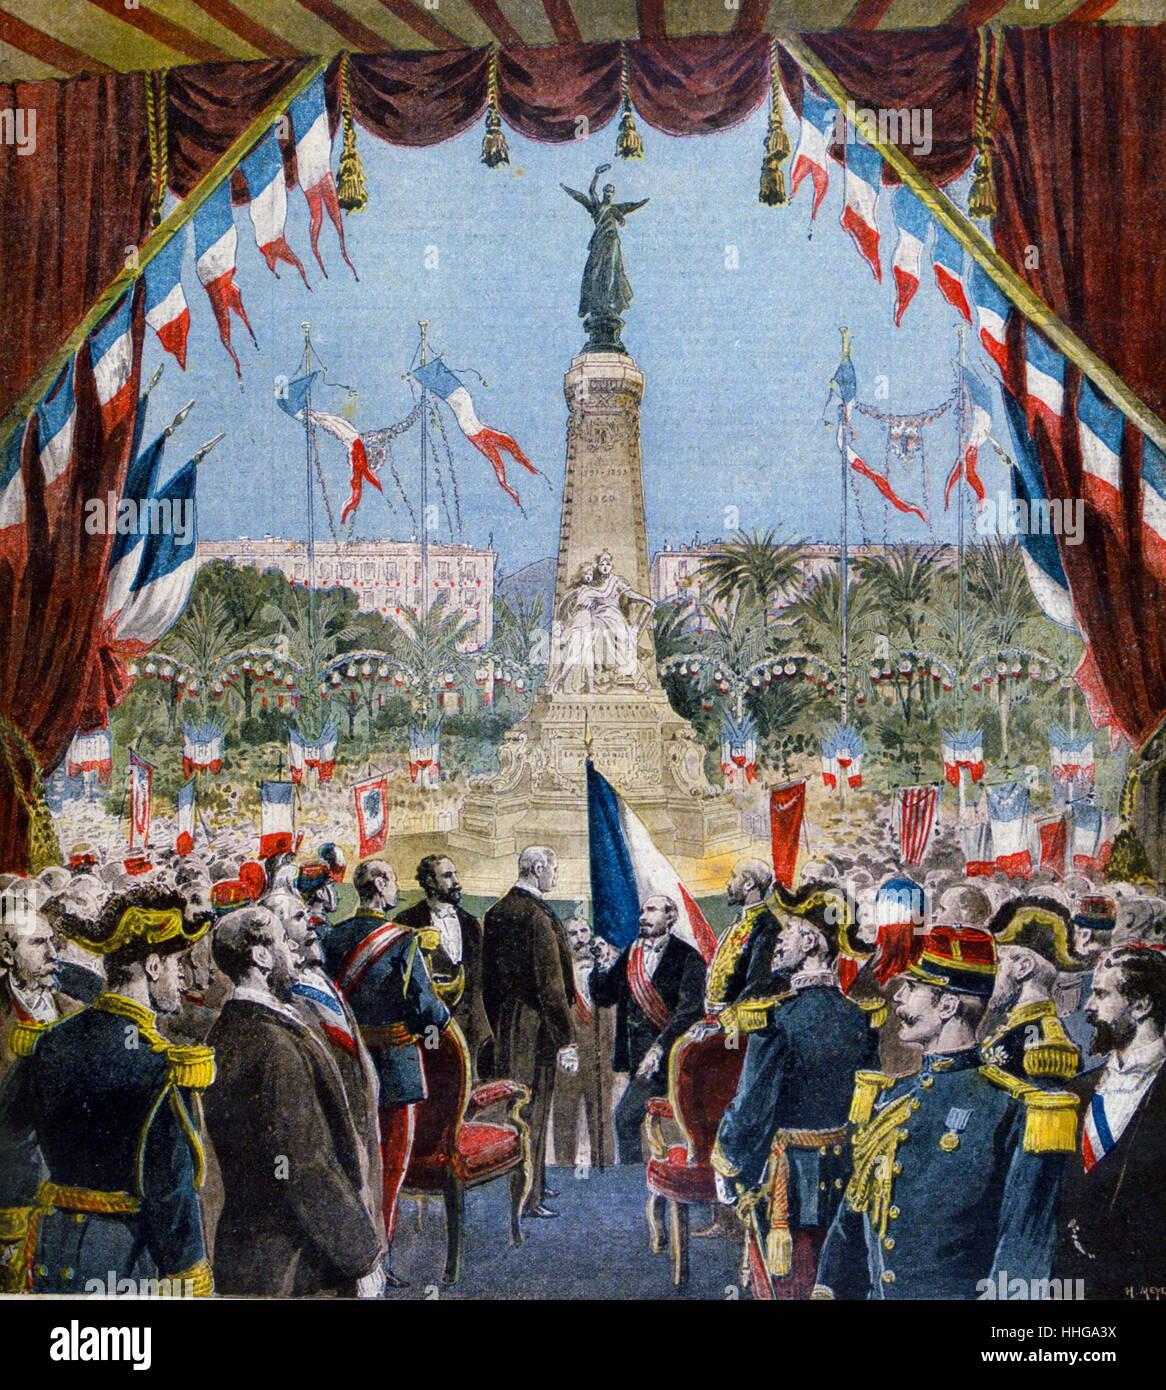 Commemorative celebration in Nice, France 1896 - Stock Image